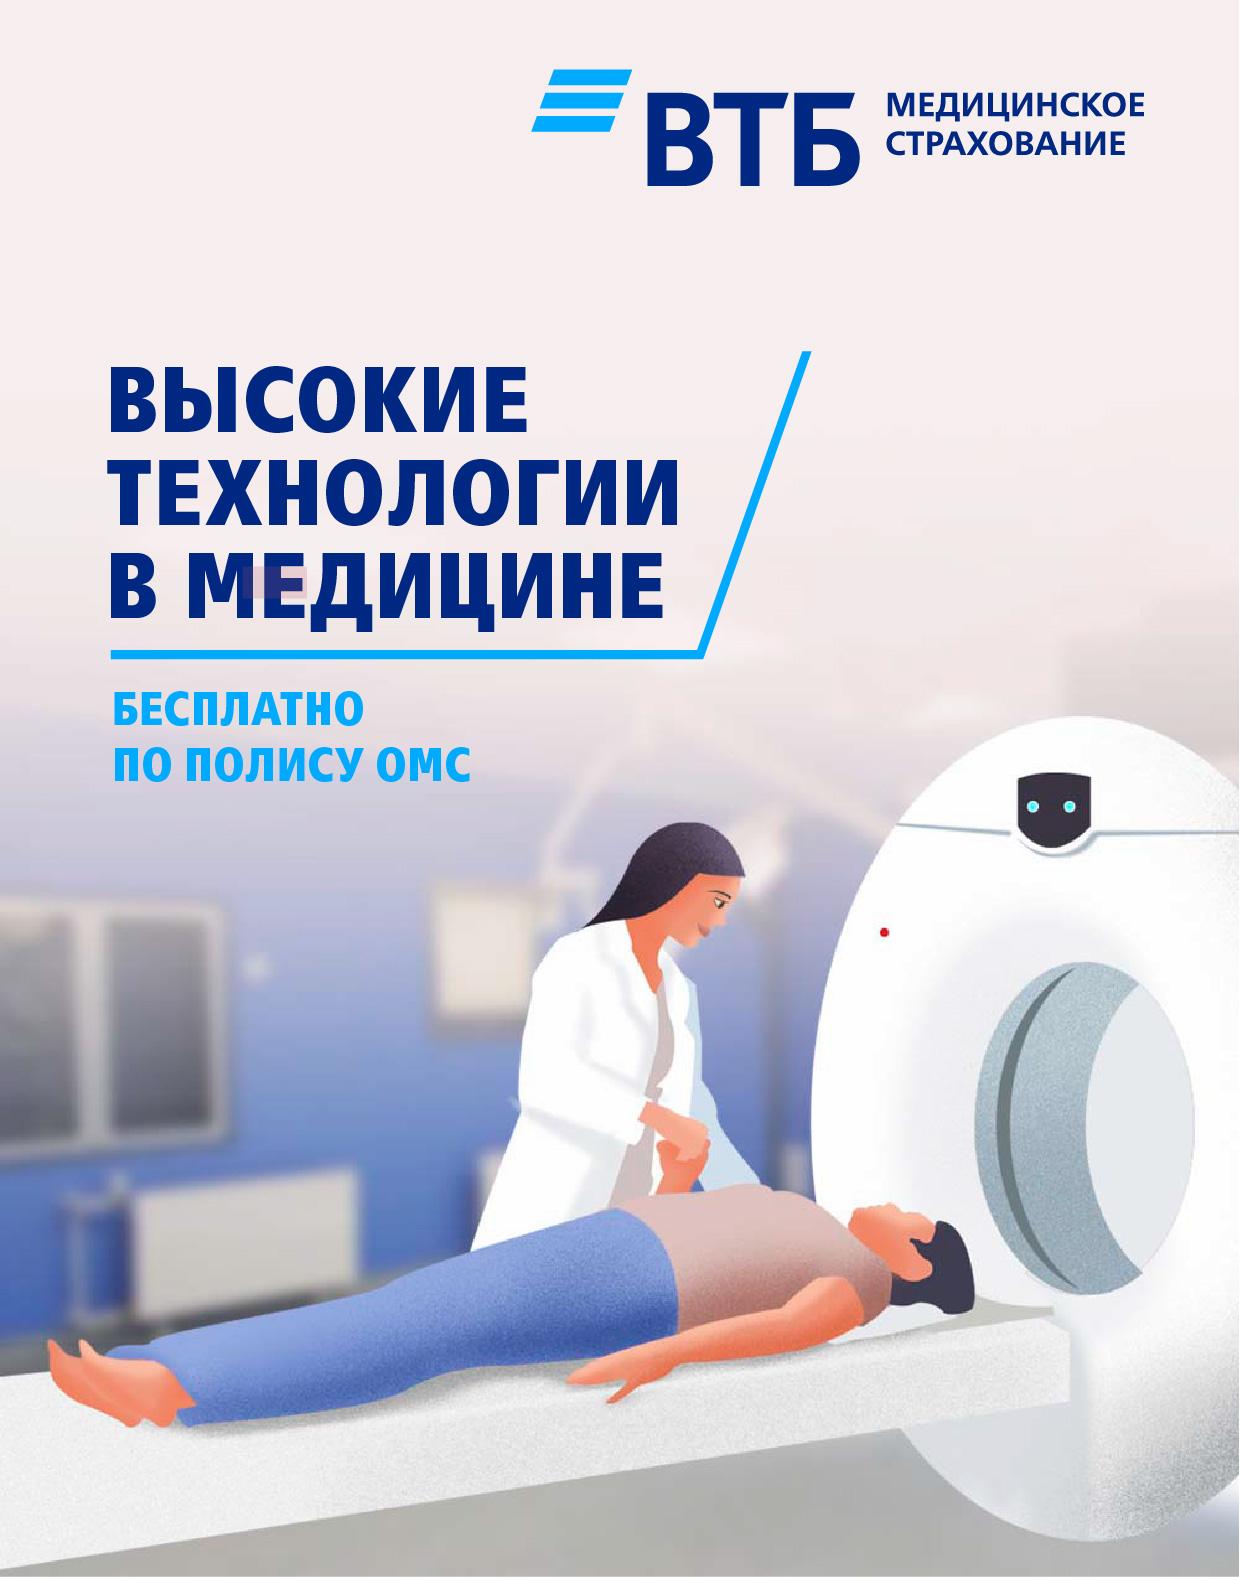 Можно ли сделать высокотехнологичную операцию бесплатно? Компания ВТБ Медицинское страхование информирует – многие операции доступны по полису ОМС